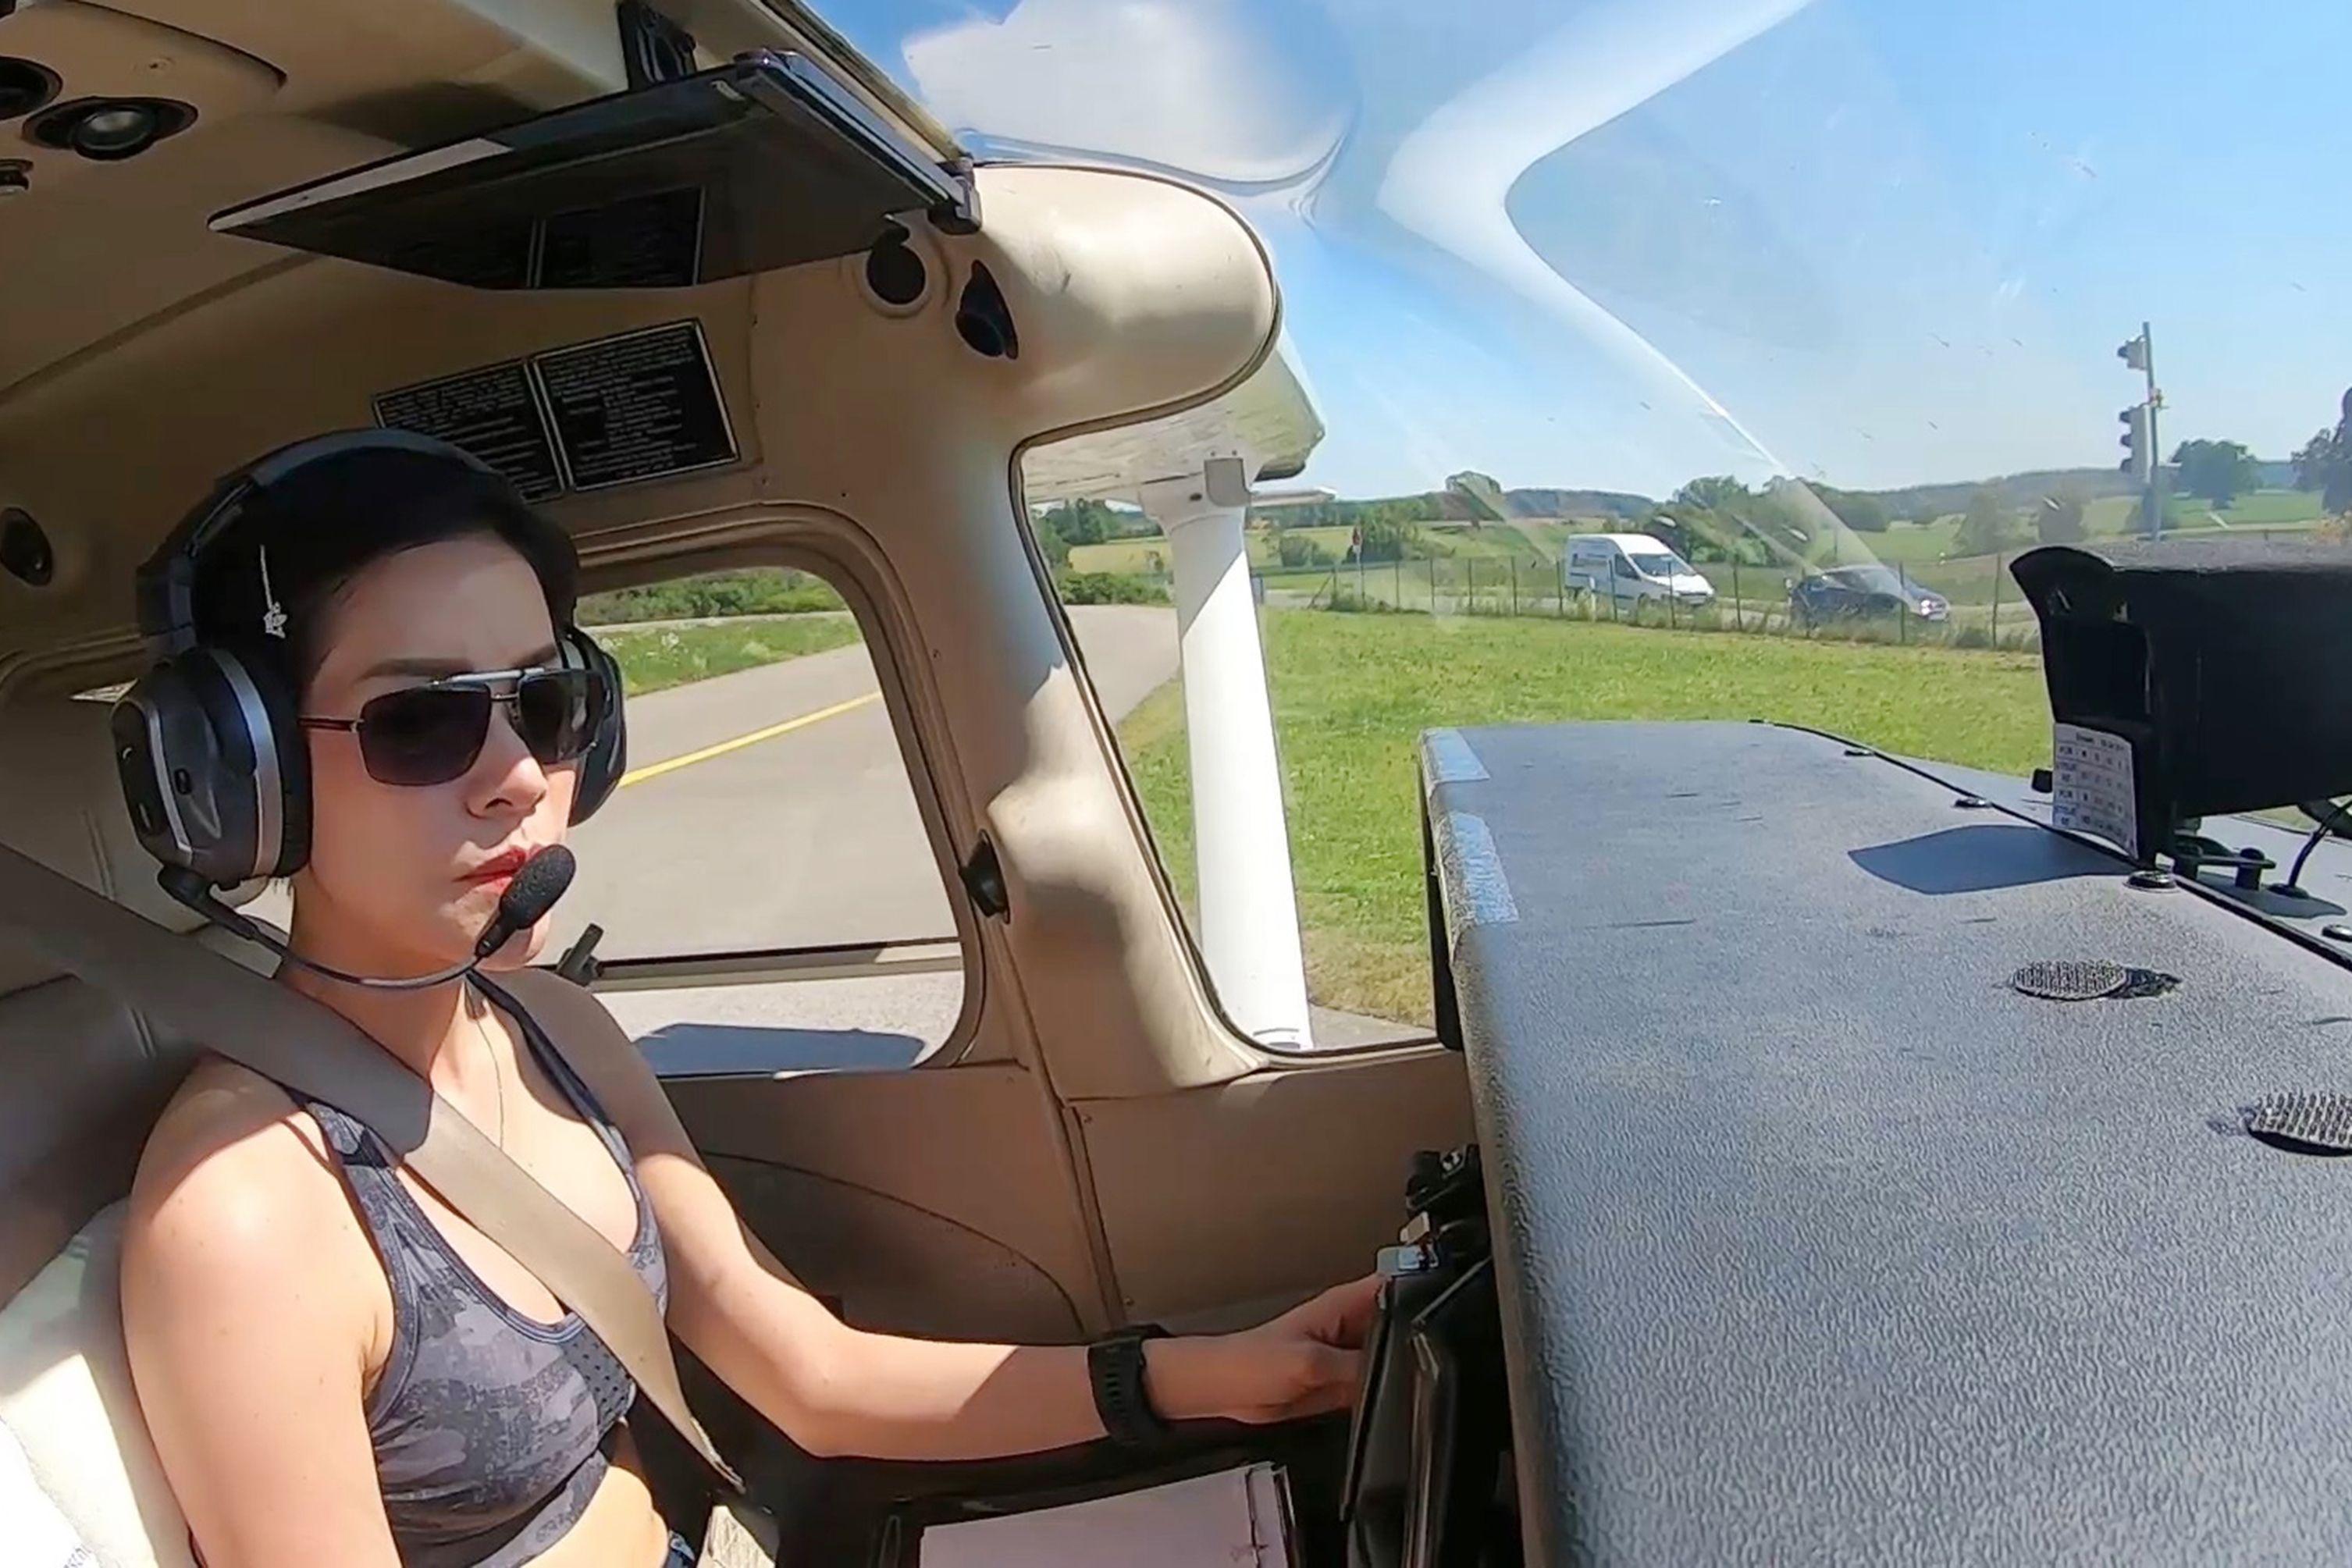 诗尼娜驾驶飞机的档案照。(法新社)